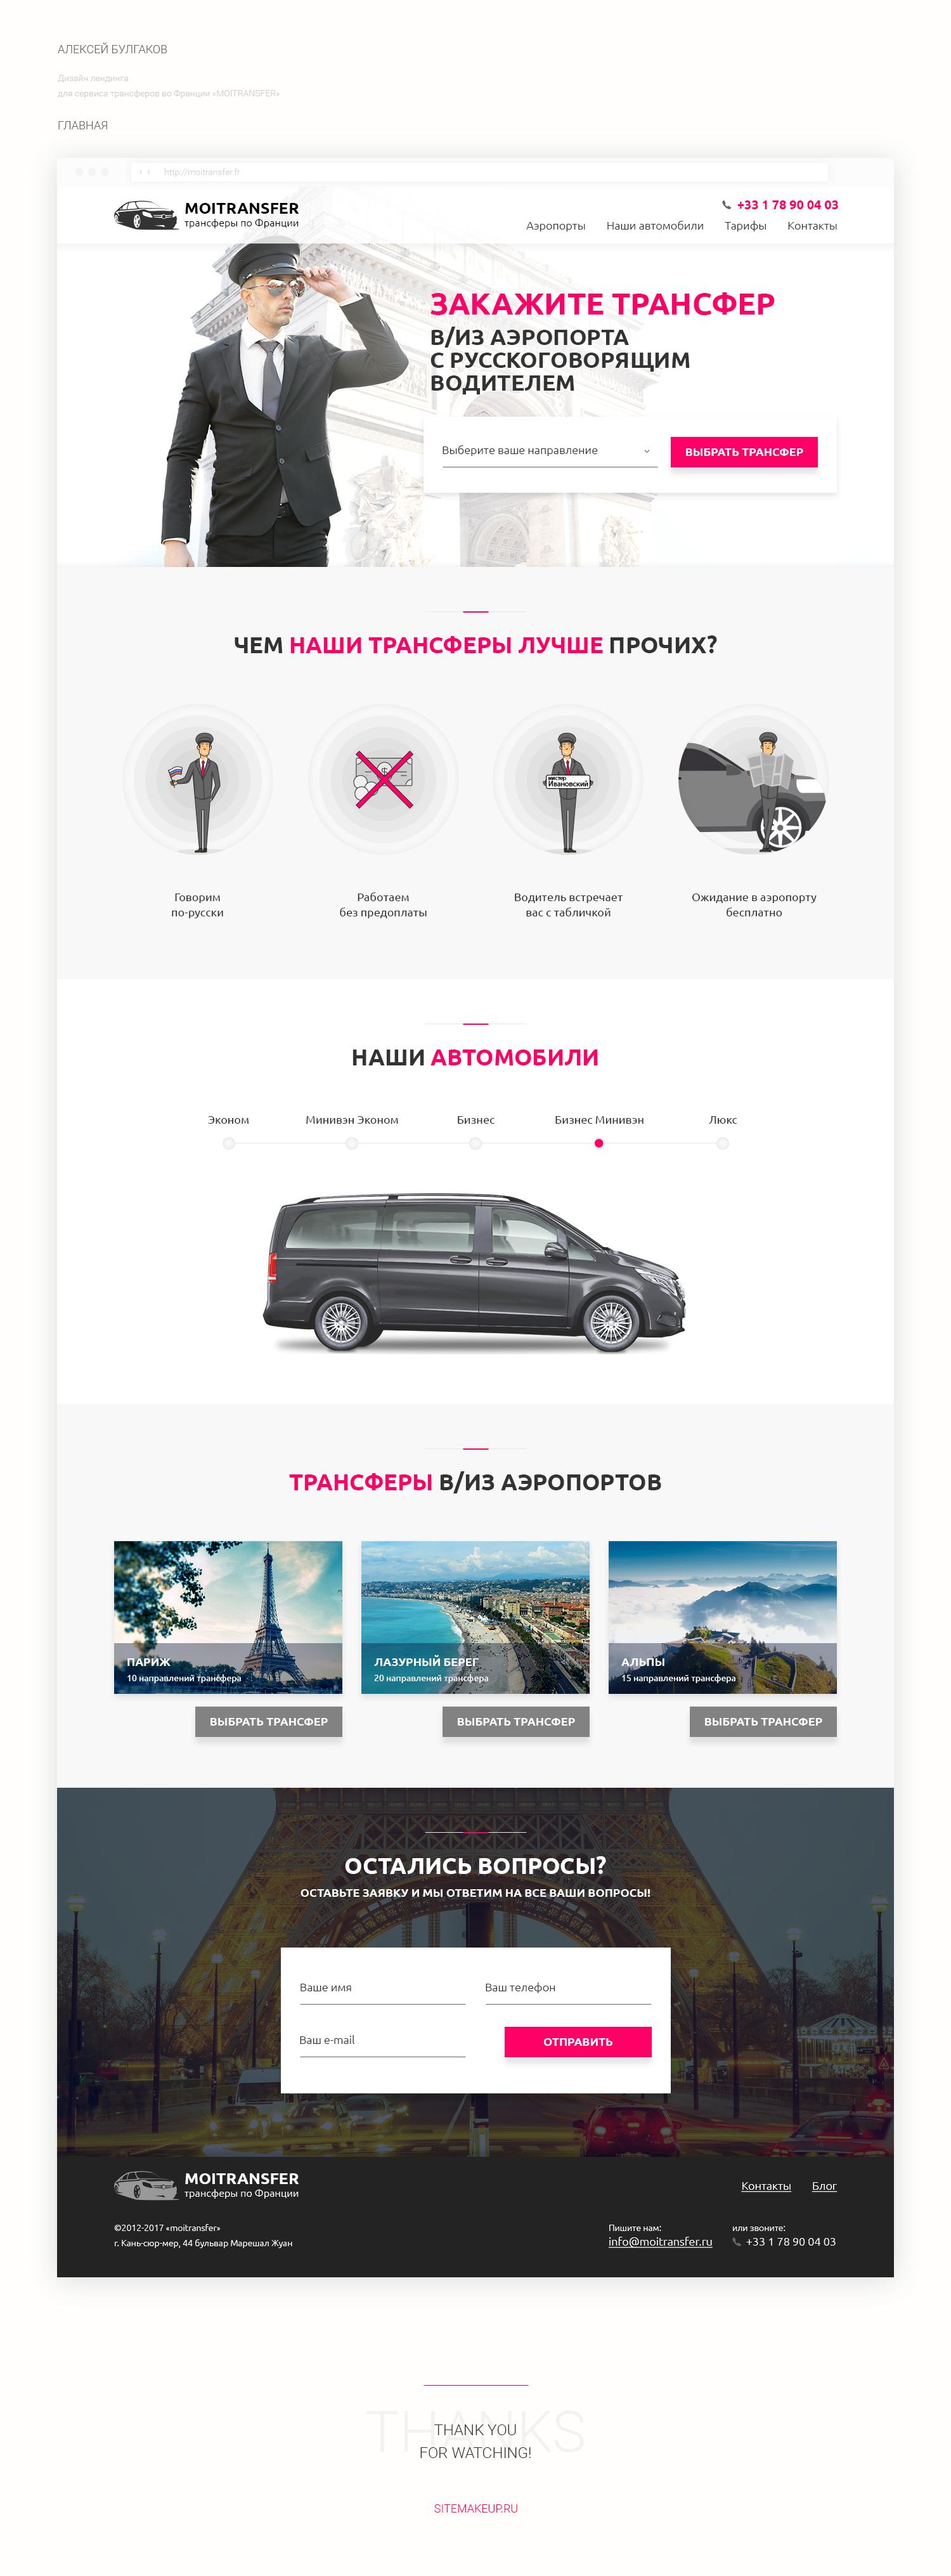 Дизайн лендинга для сервиса трансферов во Франции «MOITRANSFER»